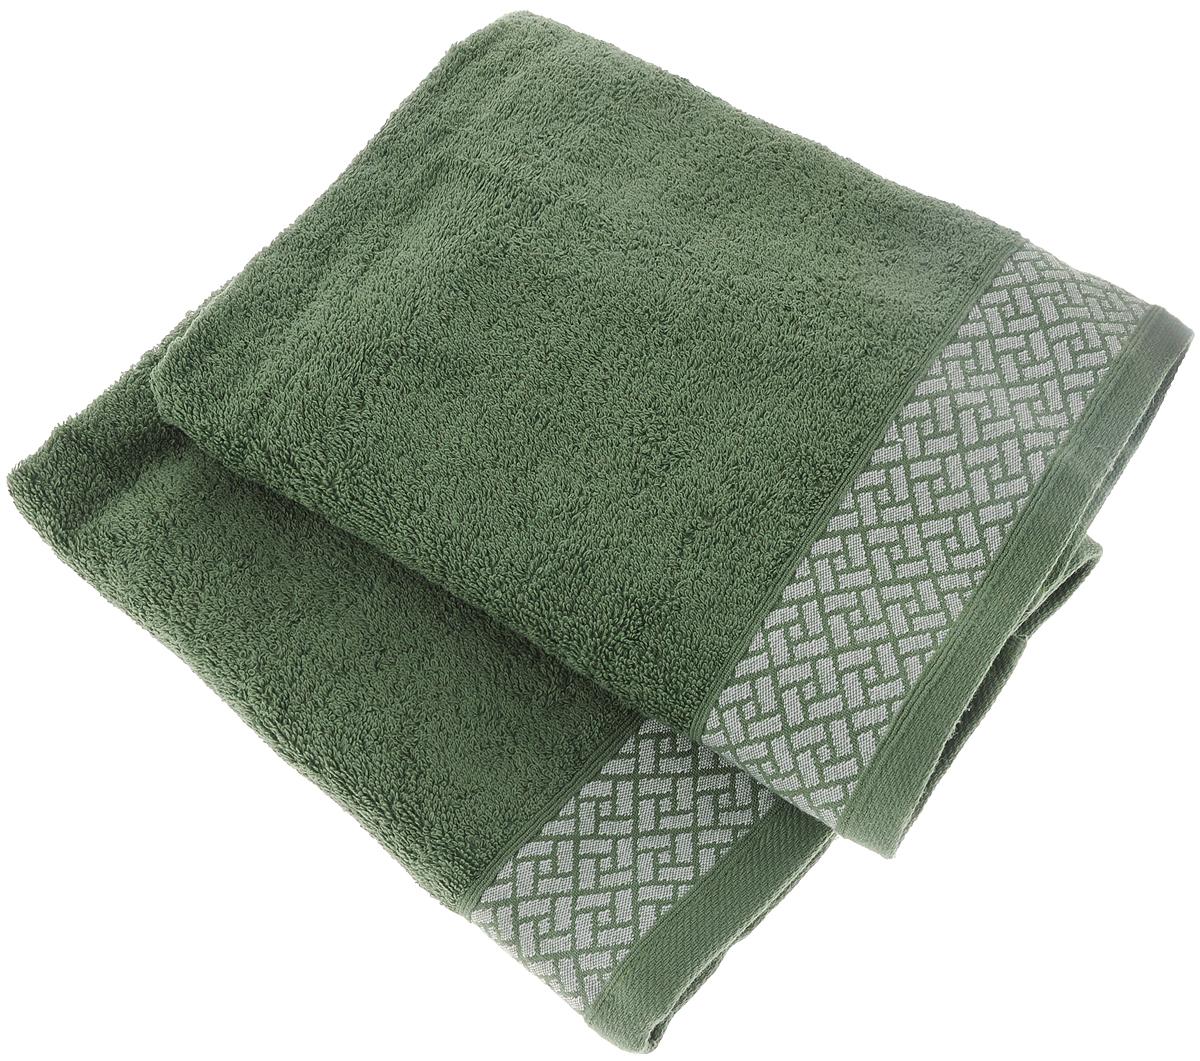 Набор полотенец Tete-a-Tete Лабиринт, цвет: зеленый, 50 х 90 см, 2 штУП-009-01-2кНабор Tete-a-Tete Лабиринт состоит из двух махровых полотенец, выполненных из натурального 100% хлопка. Бордюр полотенец декорирован геометрическим узором. Изделия мягкие, отлично впитывают влагу, быстро сохнут, сохраняют яркость цвета и не теряют форму даже после многократных стирок. Полотенца Tete-a-Tete Лабиринт очень практичны и неприхотливы в уходе. Они легко впишутся в любой интерьер благодаря своей нежной цветовой гамме. Набор упакован в красивую коробку и может послужить отличной идеей для подарка. Размер полотенец: 50 х 90 см.